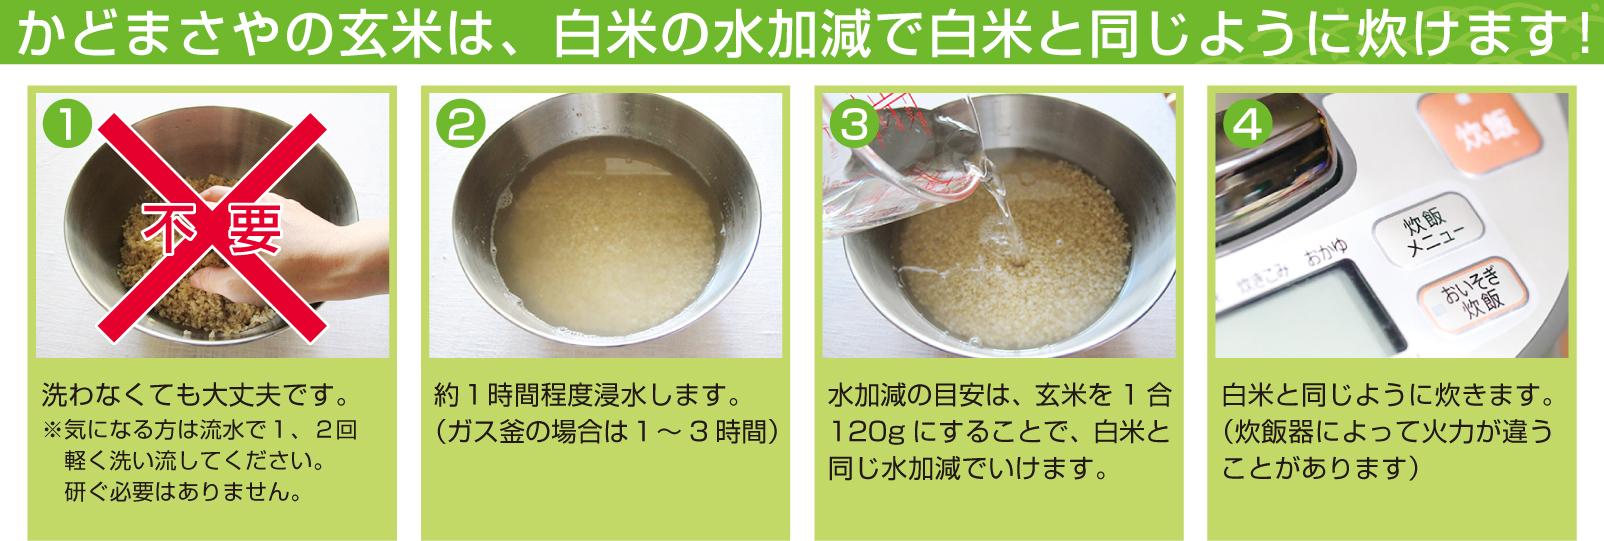 玄米炊き方